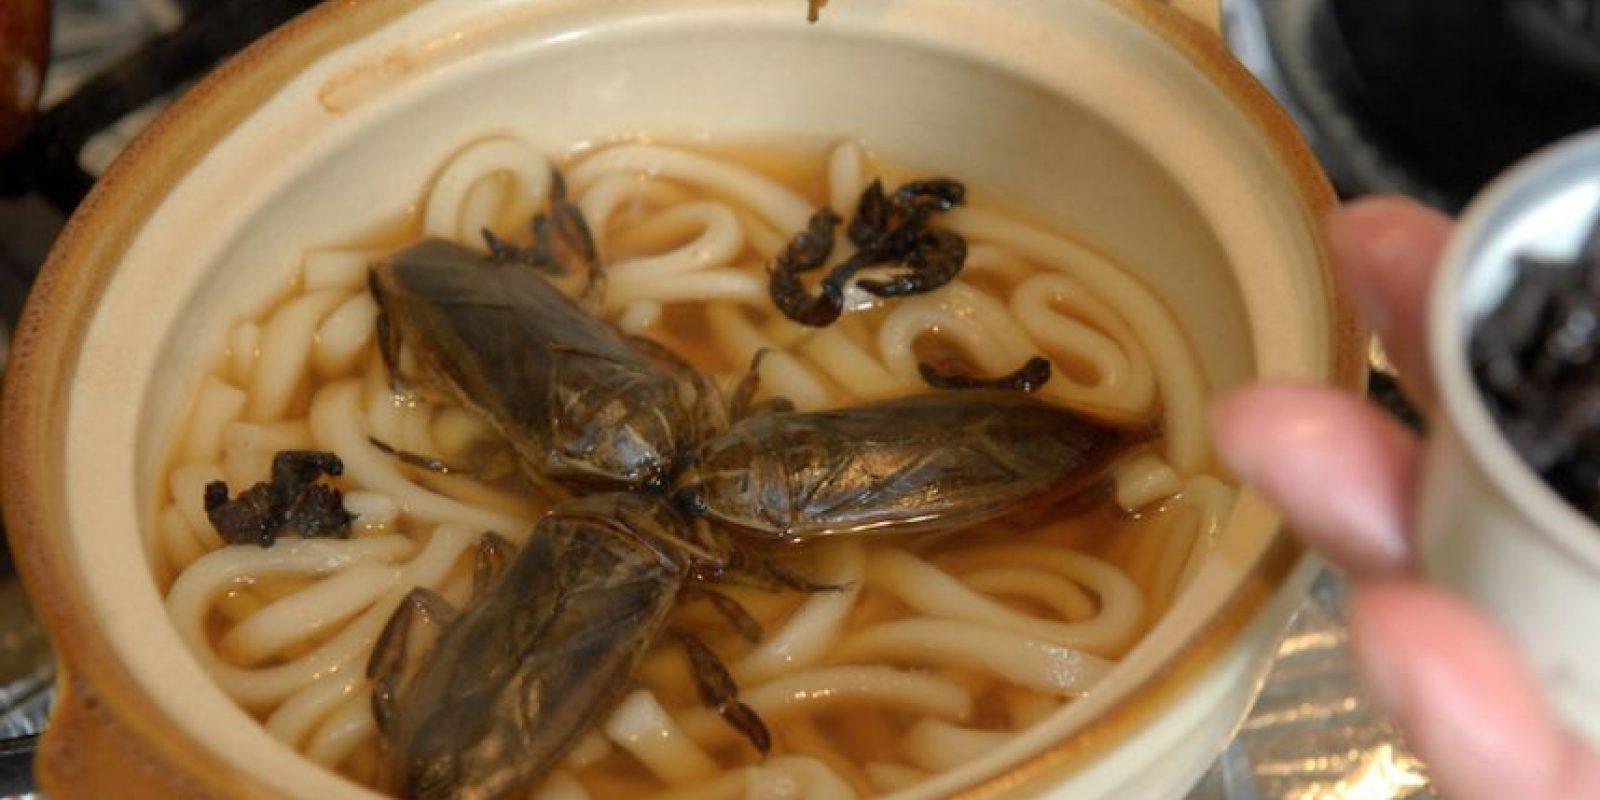 Muchos portan bacterias. Las moscas son portadoras de Salmonella. Foto:vía tommyncol.blogspot.